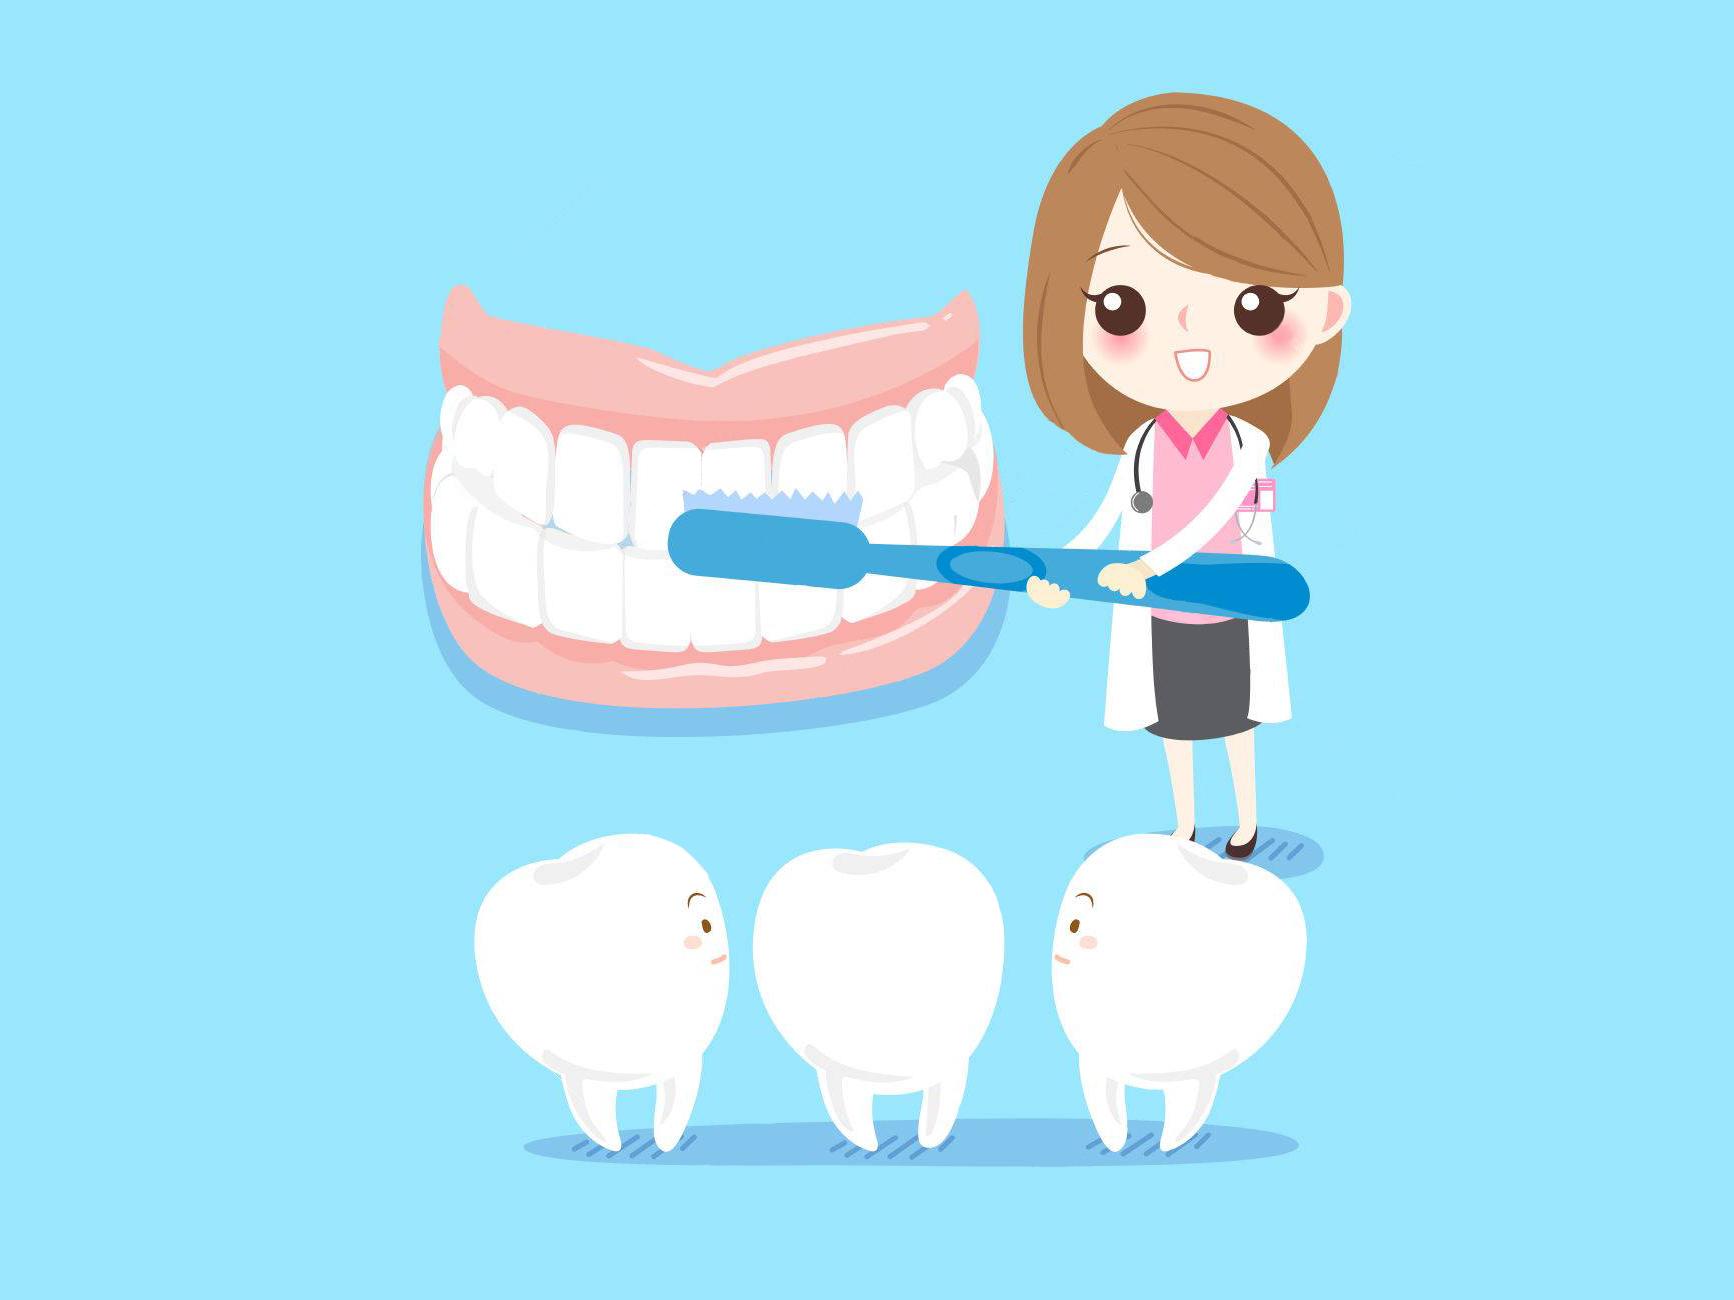 Al tuo studio odontoiatrico serve più sprint? Questione di igiene…